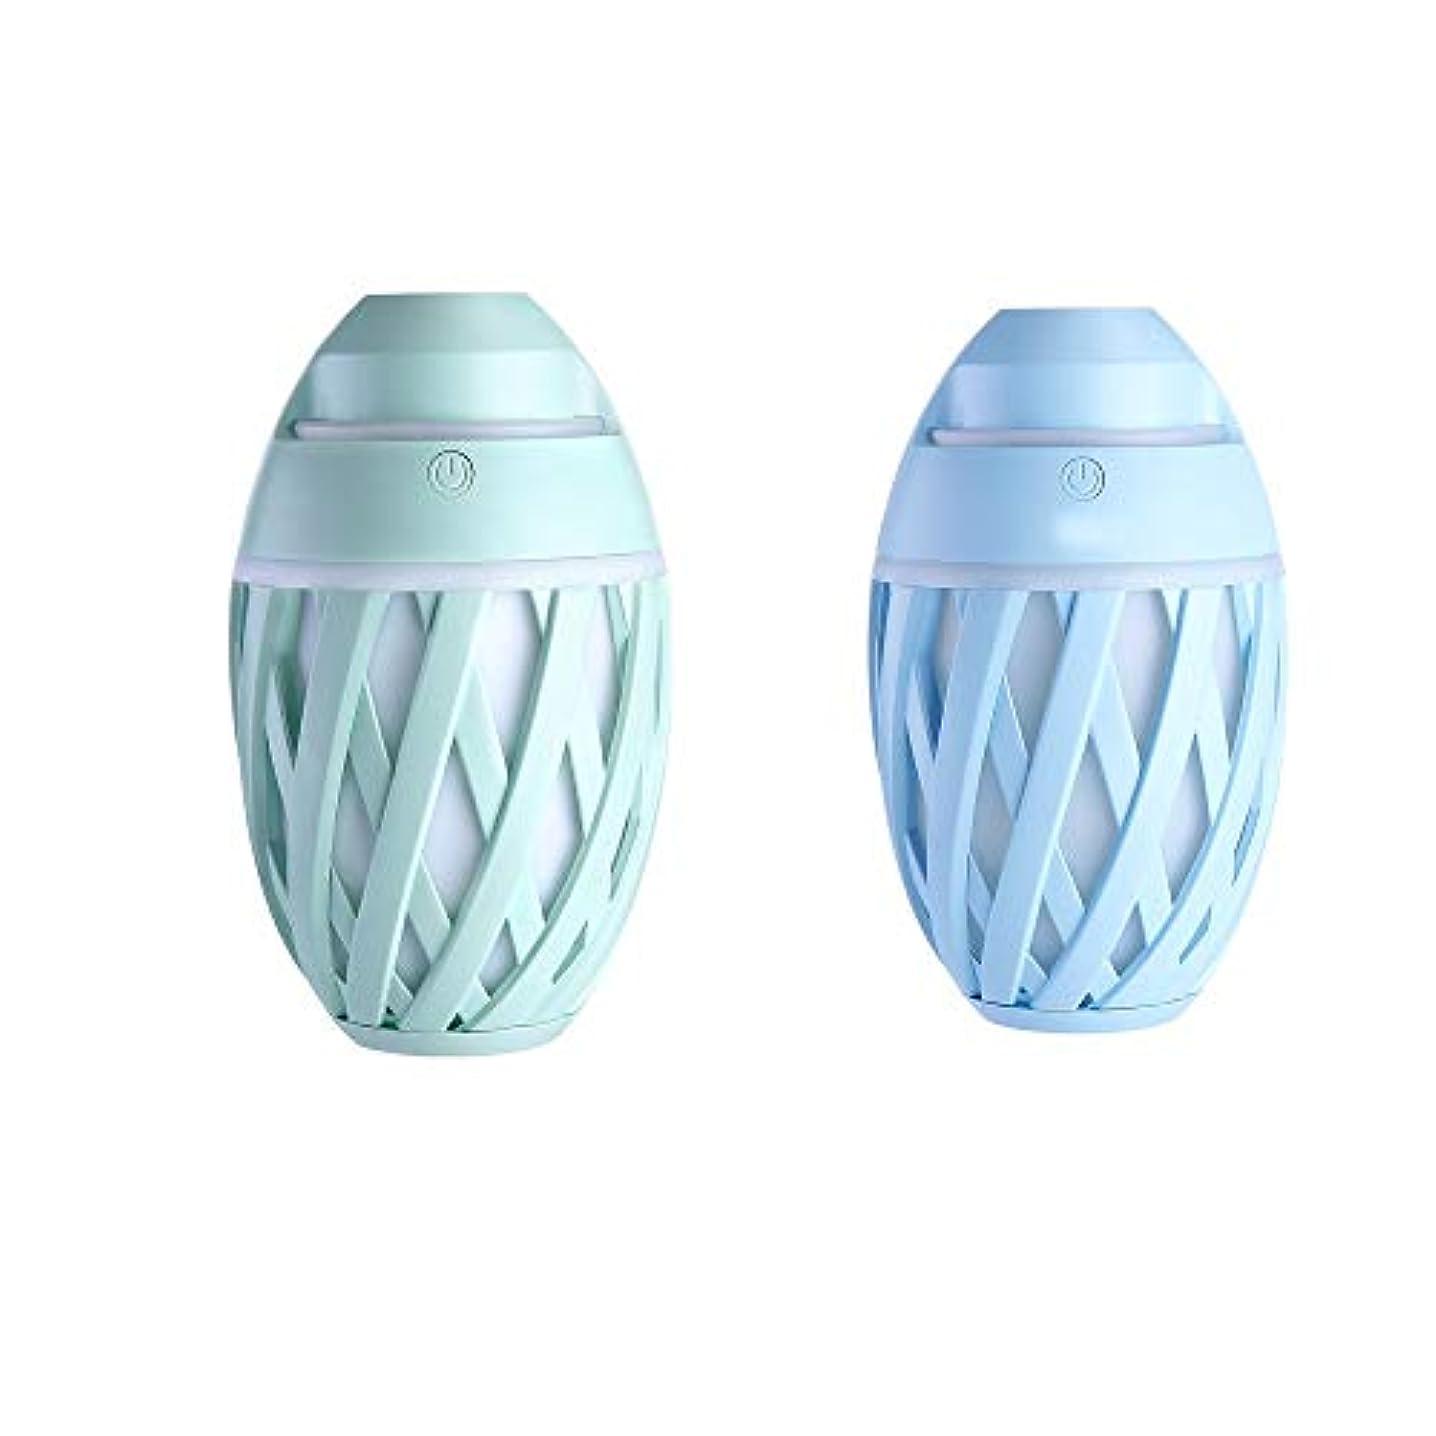 迷信癌中にZXF ミニUSB車の空気加湿器の美しさの楽器オリーブ形マイナスイオンカラフルな変更美しさの水道メーターABS材料2つの青いモデル緑 滑らかである (色 : Blue)